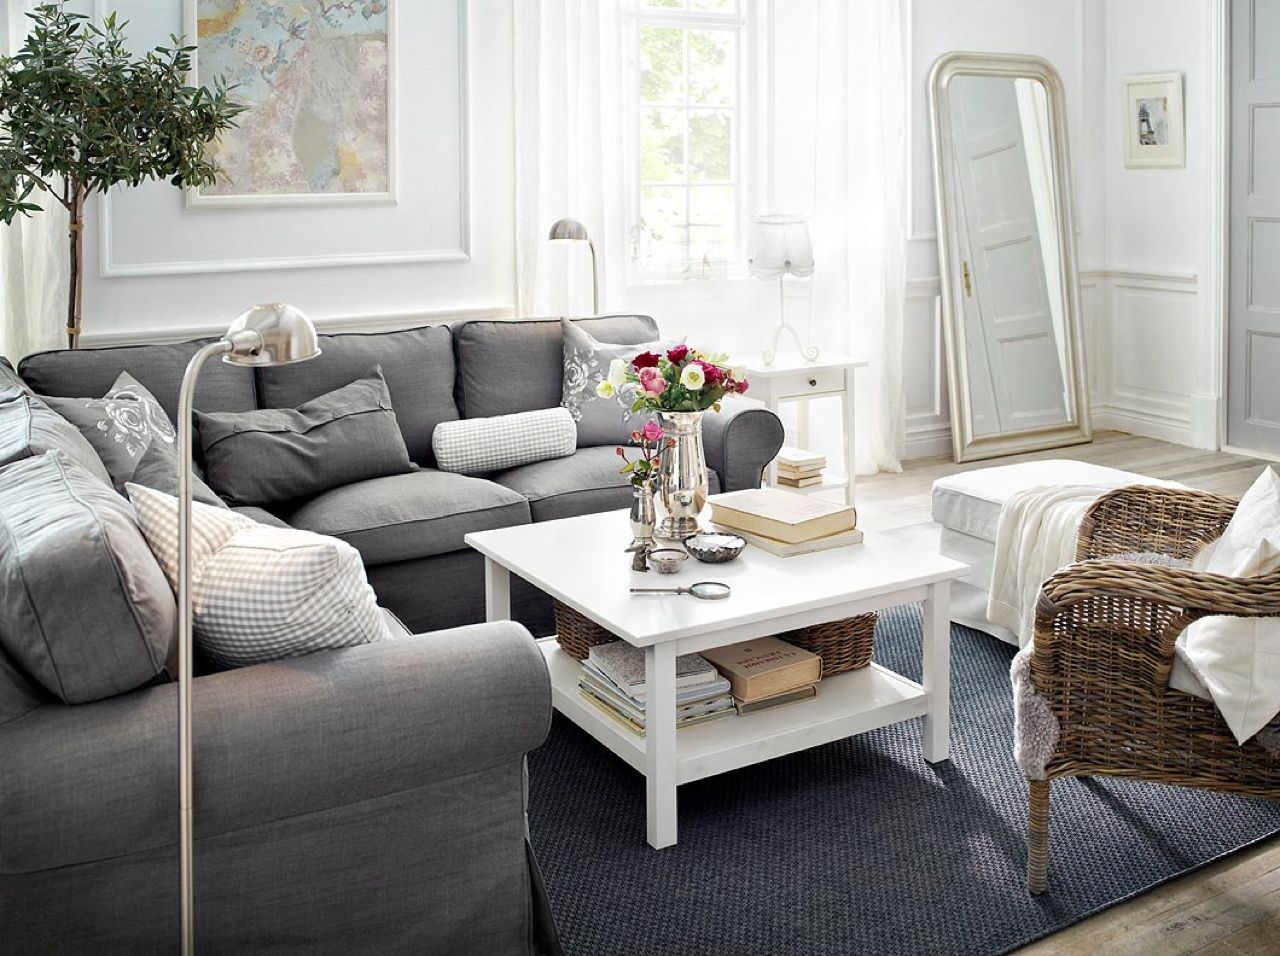 Arredare il soggiorno da IKEA: ecco 24 bellissimi soggiorni | Idee ...